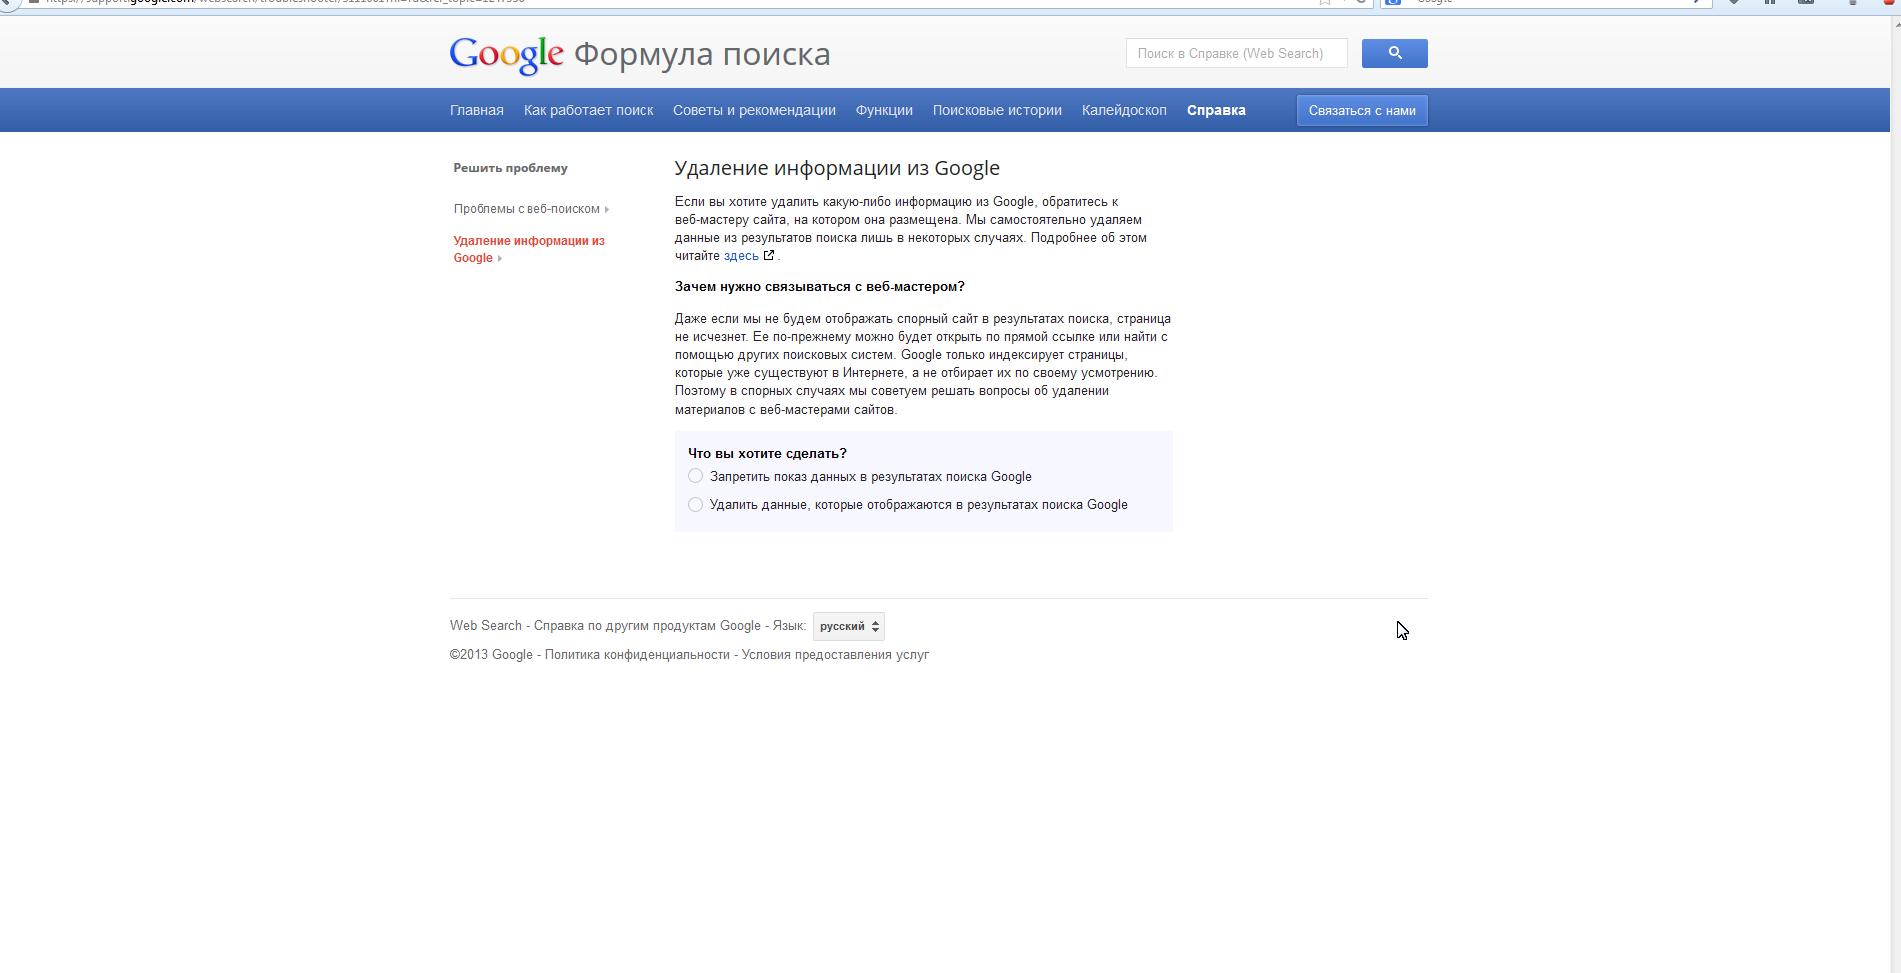 Как написать в поддержку гугл